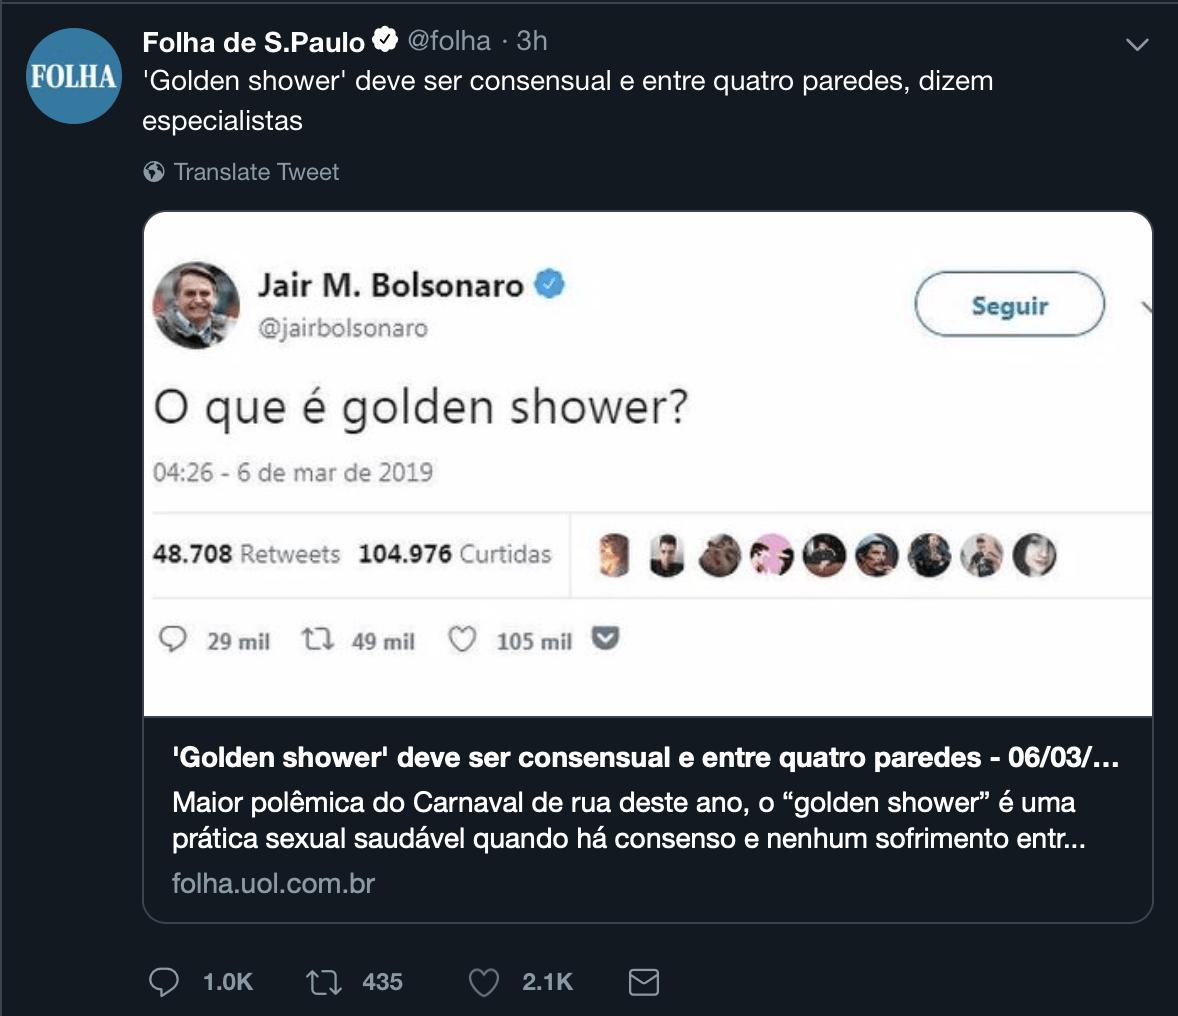 Folha chama especialistas em Golden Shower